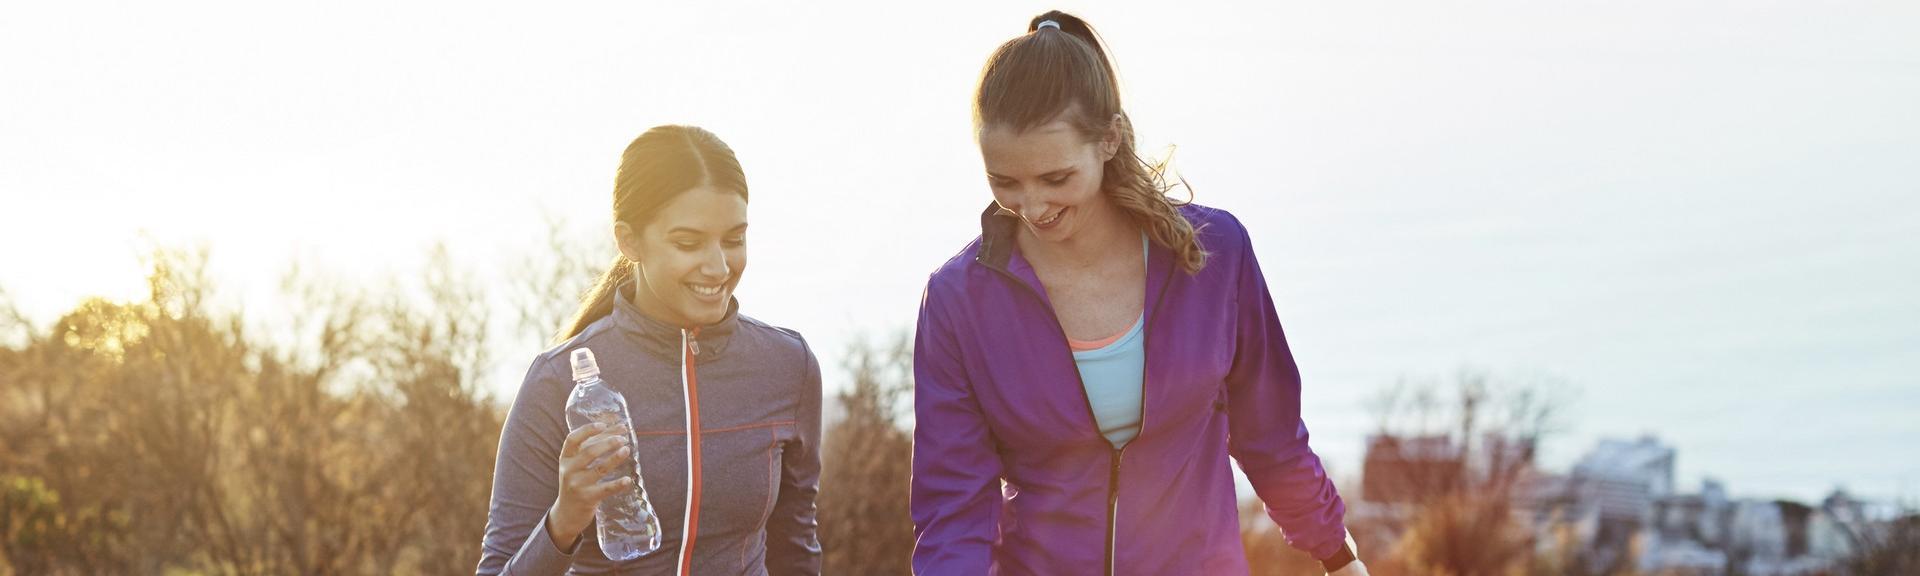 La marche, la santé à la portée de tous